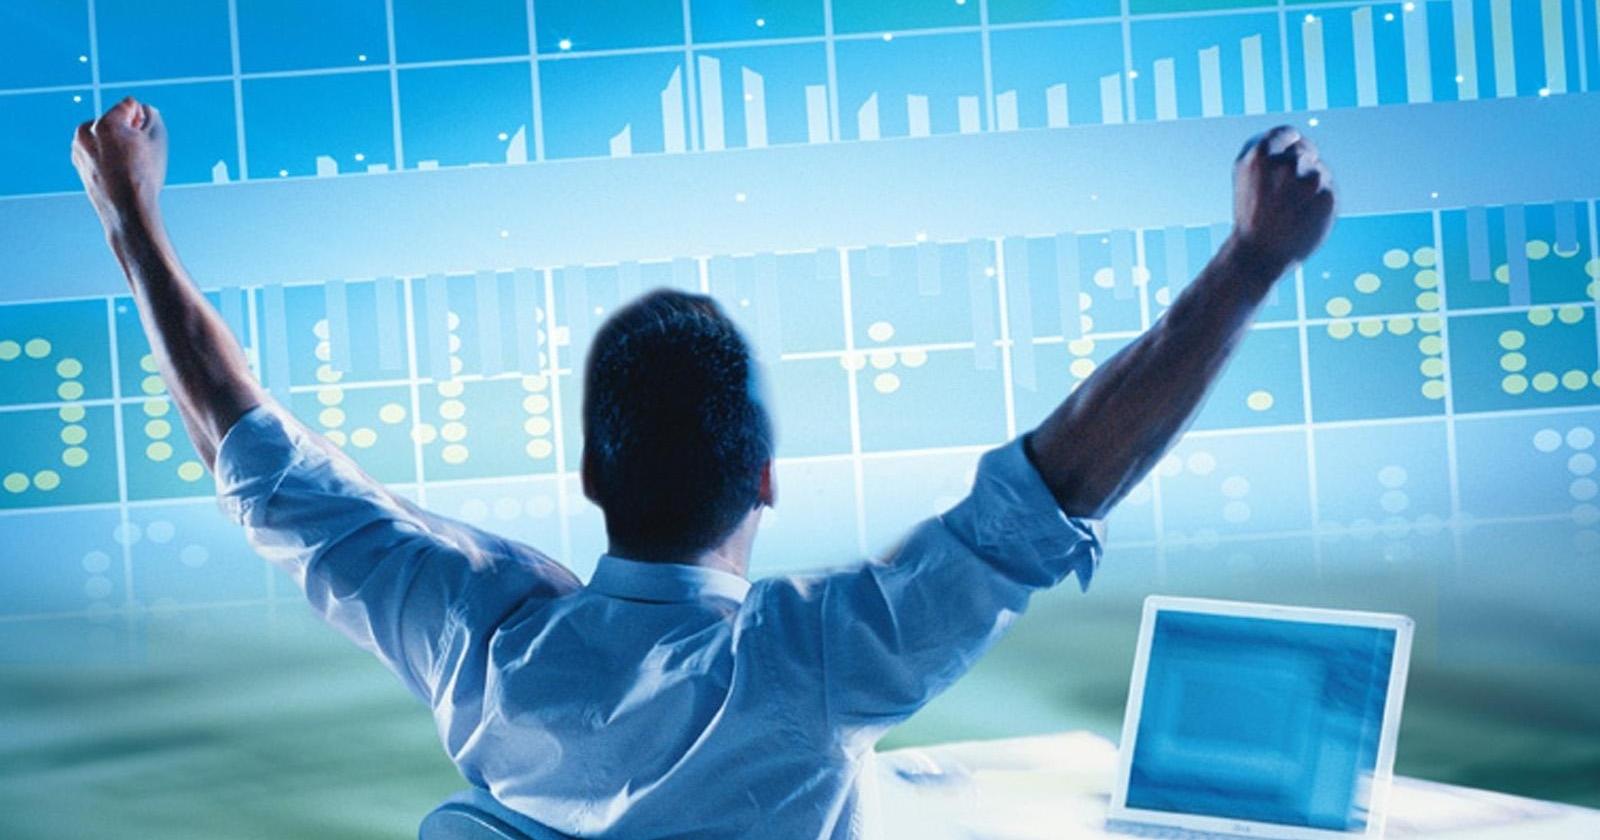 Играть на бирже можно как в реальности, так и в виртуальной среде